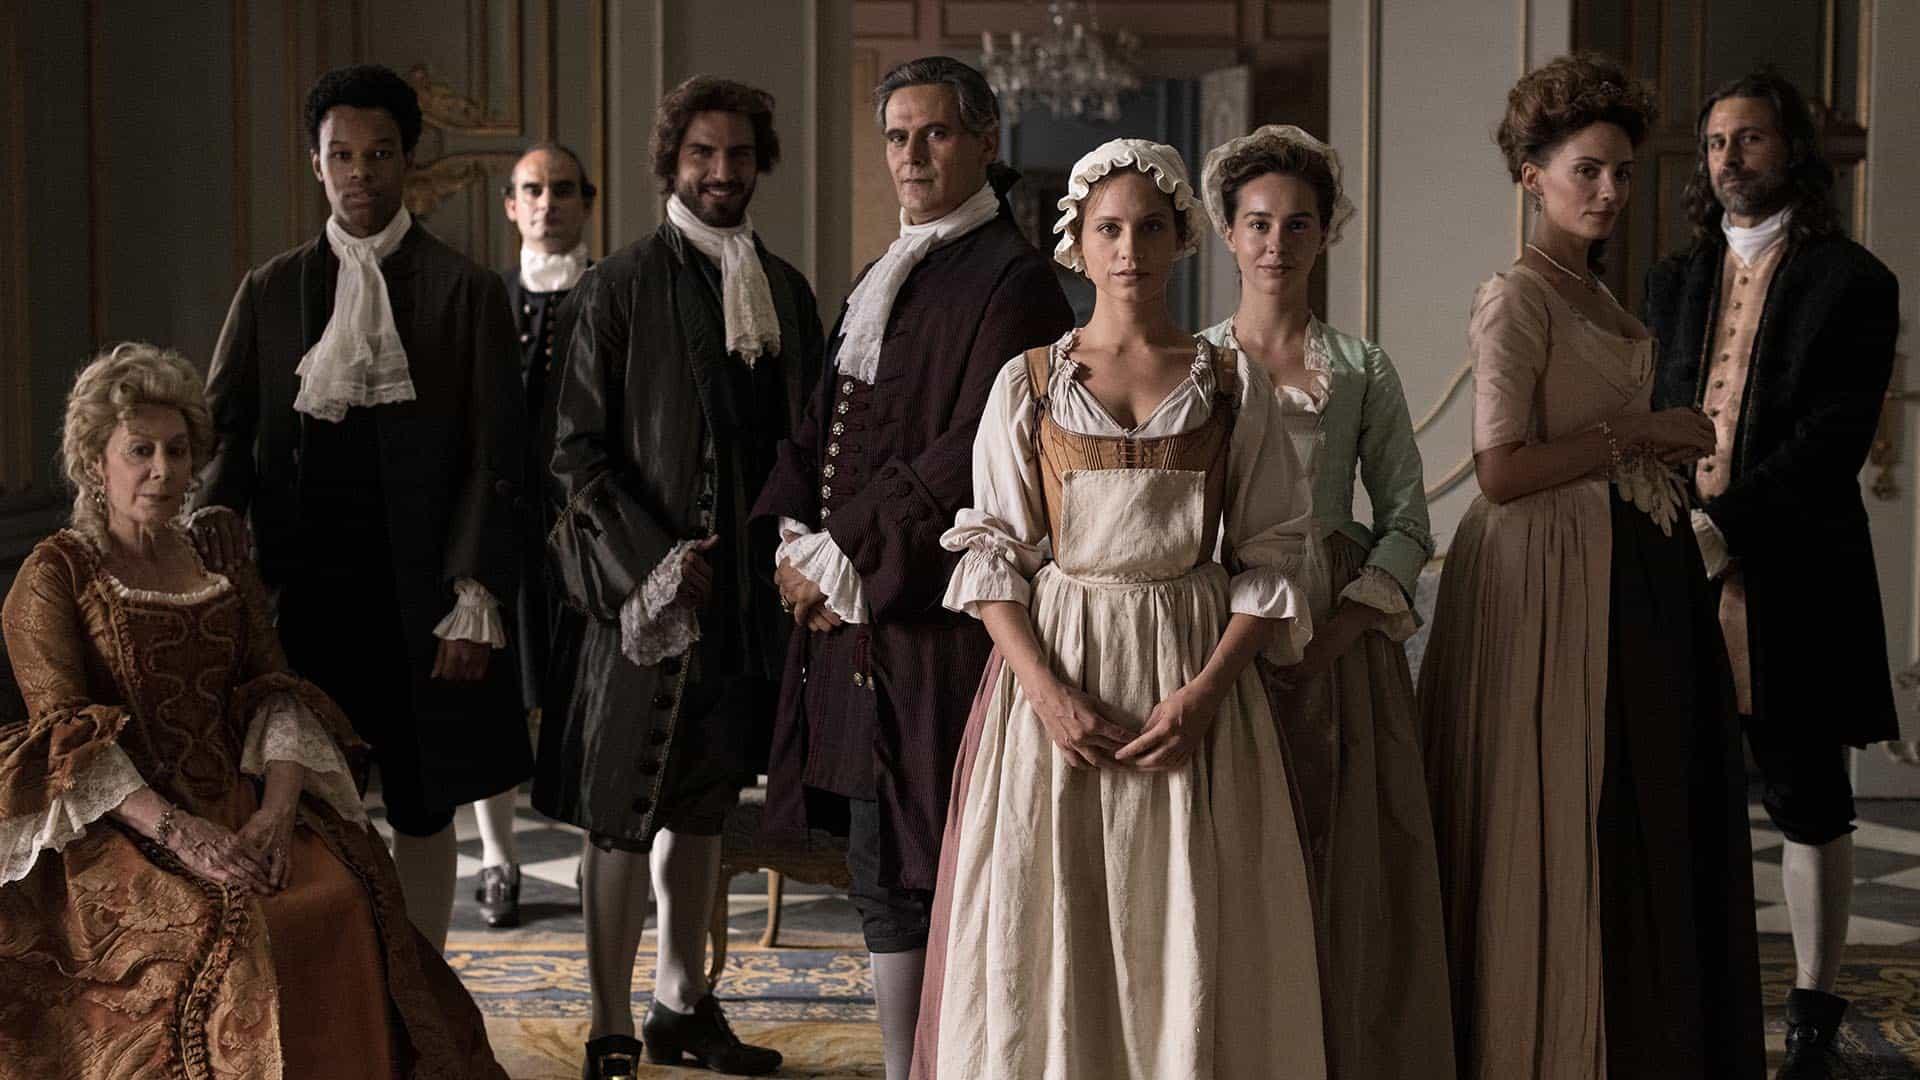 Todo el elenco de La cocinera de Castamar vestidos de época